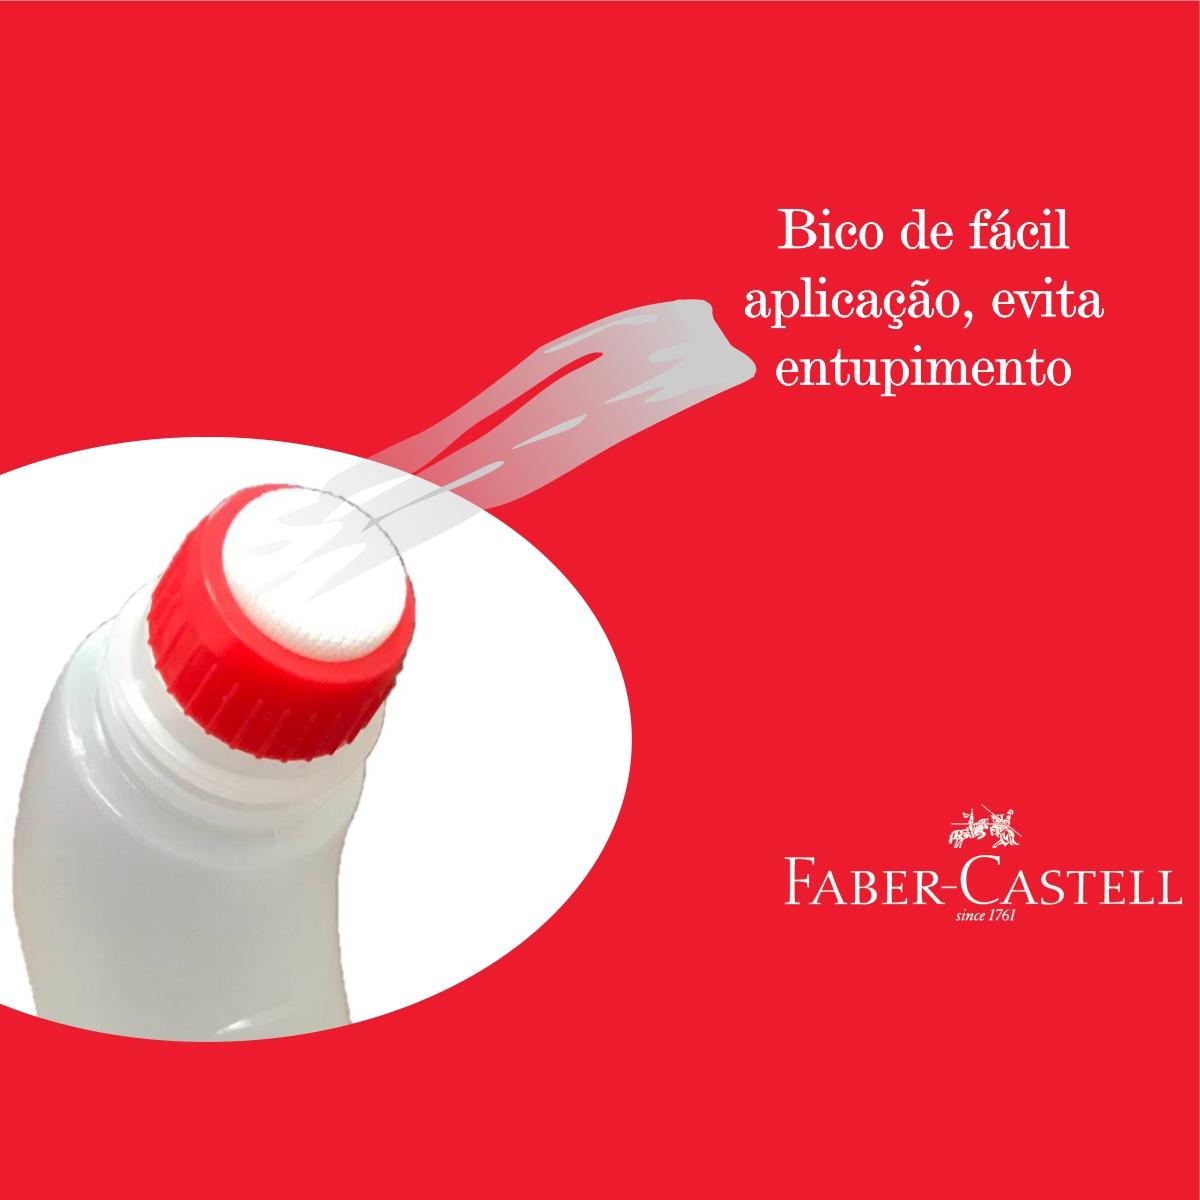 Cola Gel Faber Castell Frasco Ergonômico 63g